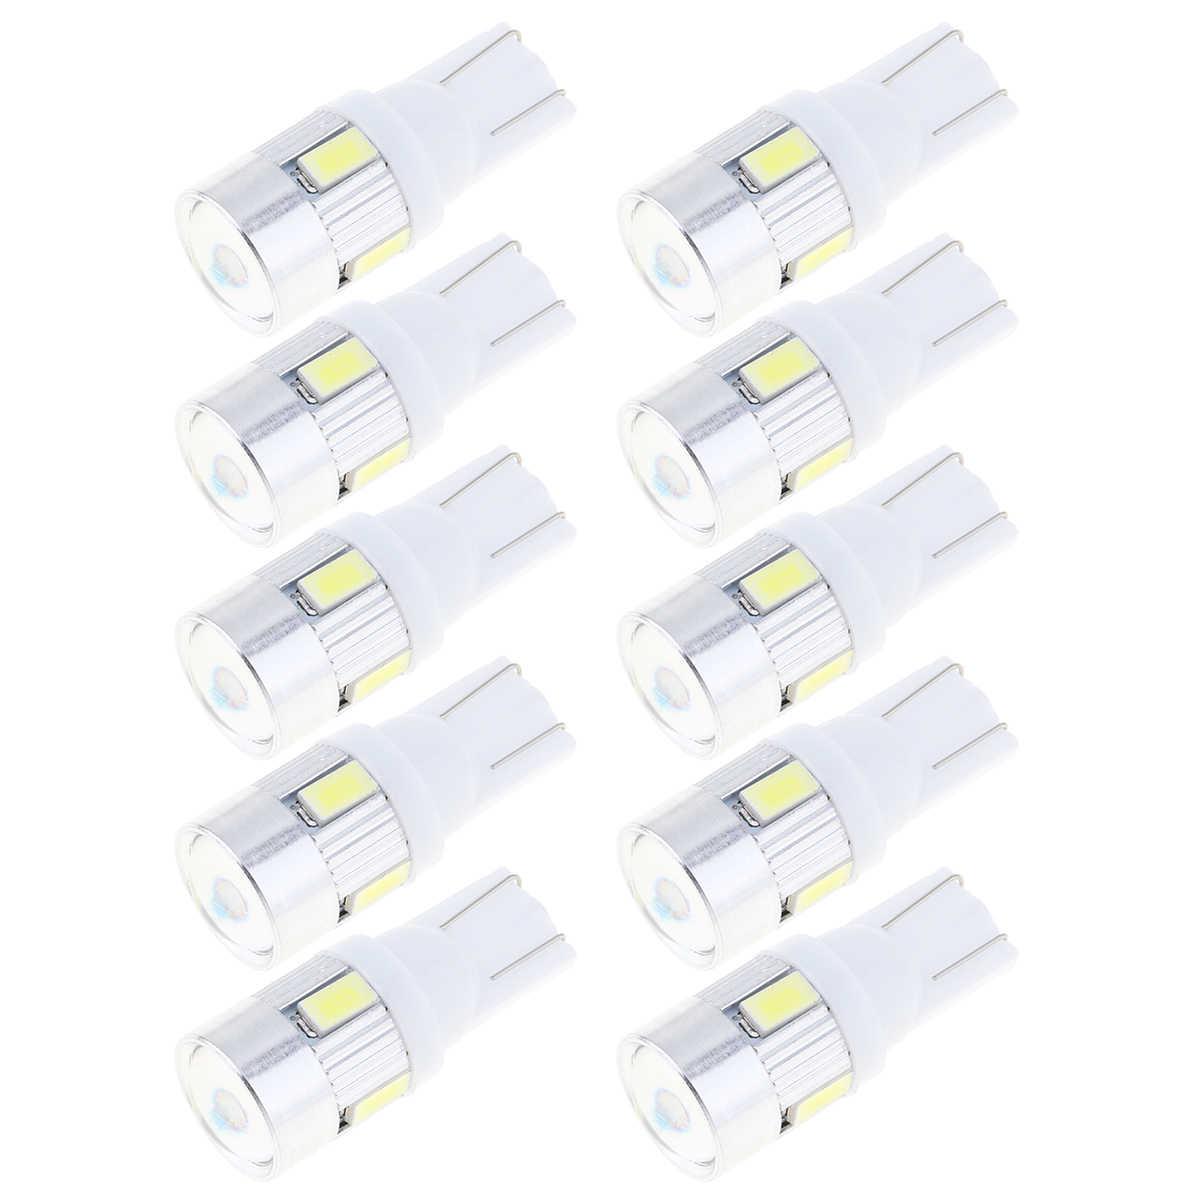 10 ピース/ロット Led 車の Dc 12v ランパーダ光 T10 5630 スーパーホワイト 2825 158 192 168 194 w5w 6-SMD 電球オートウェッジクリアランスランプ